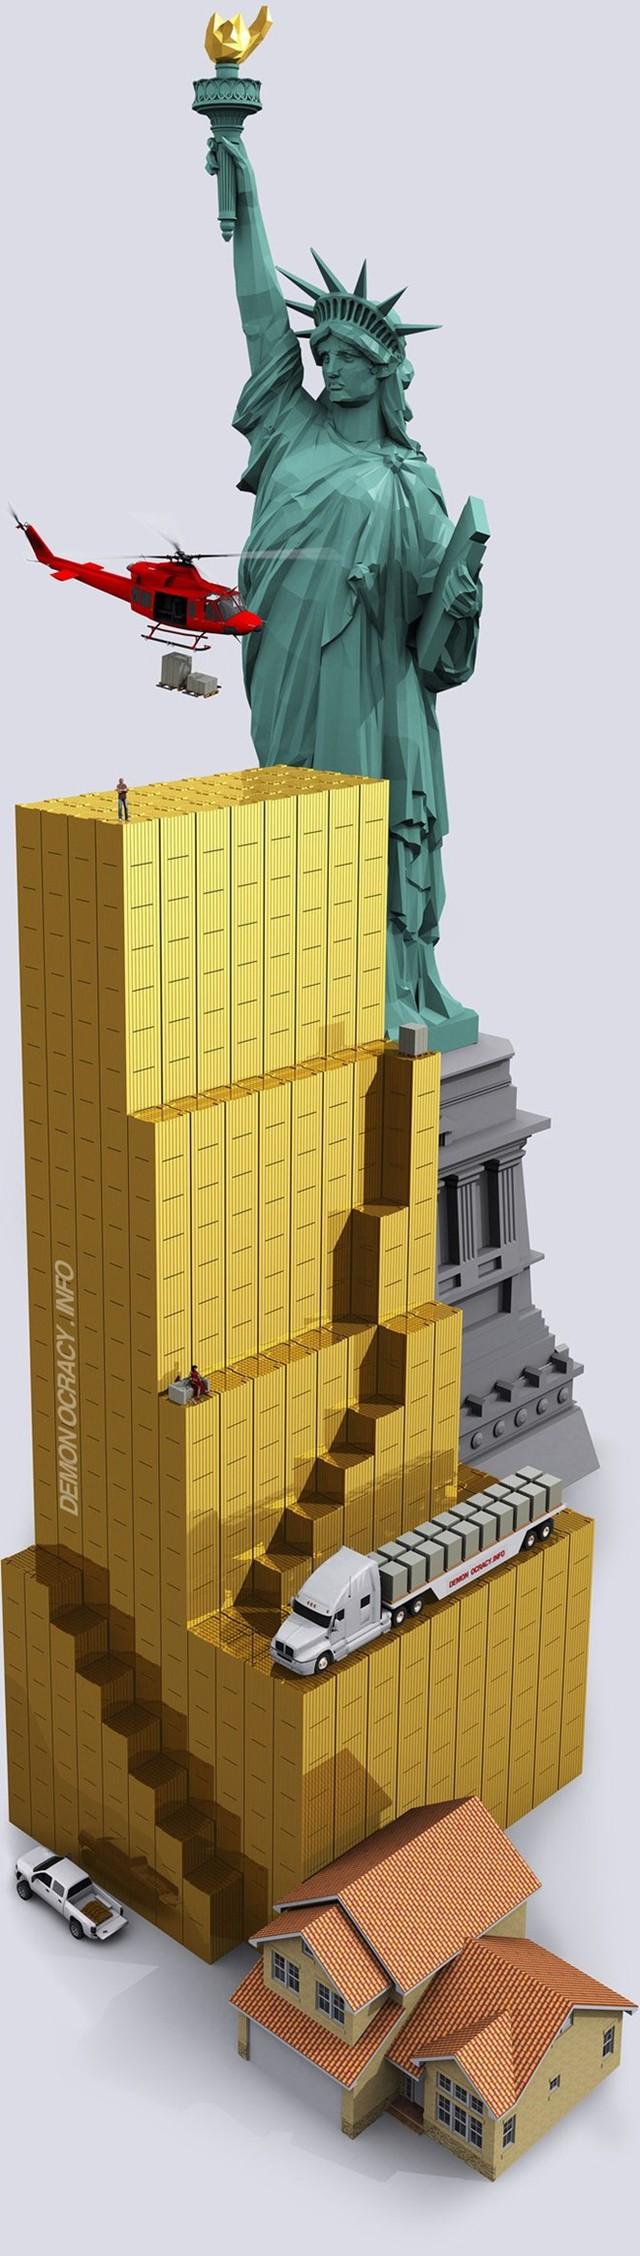 Đây là tất cả lượng vàng đã khai thác trong lịch sử xếp chồng lên nhau bằng các thanh vàng 400 ounce. Tổng cộng 166.500 tấn vàng ở đây được chia thành bốn cấp độ: cấp dưới cùng là đồ trang sức (chiếm 50,5% của tổng số vàng), cấp thứ 2 là đầu tư tư nhân (18,7%), cấp thứ ba là dự trữ của các chính phủ trên thế giới (17,4%), và mức trên cùng là vàng sử dụng trong công nghiệp (13,4%).